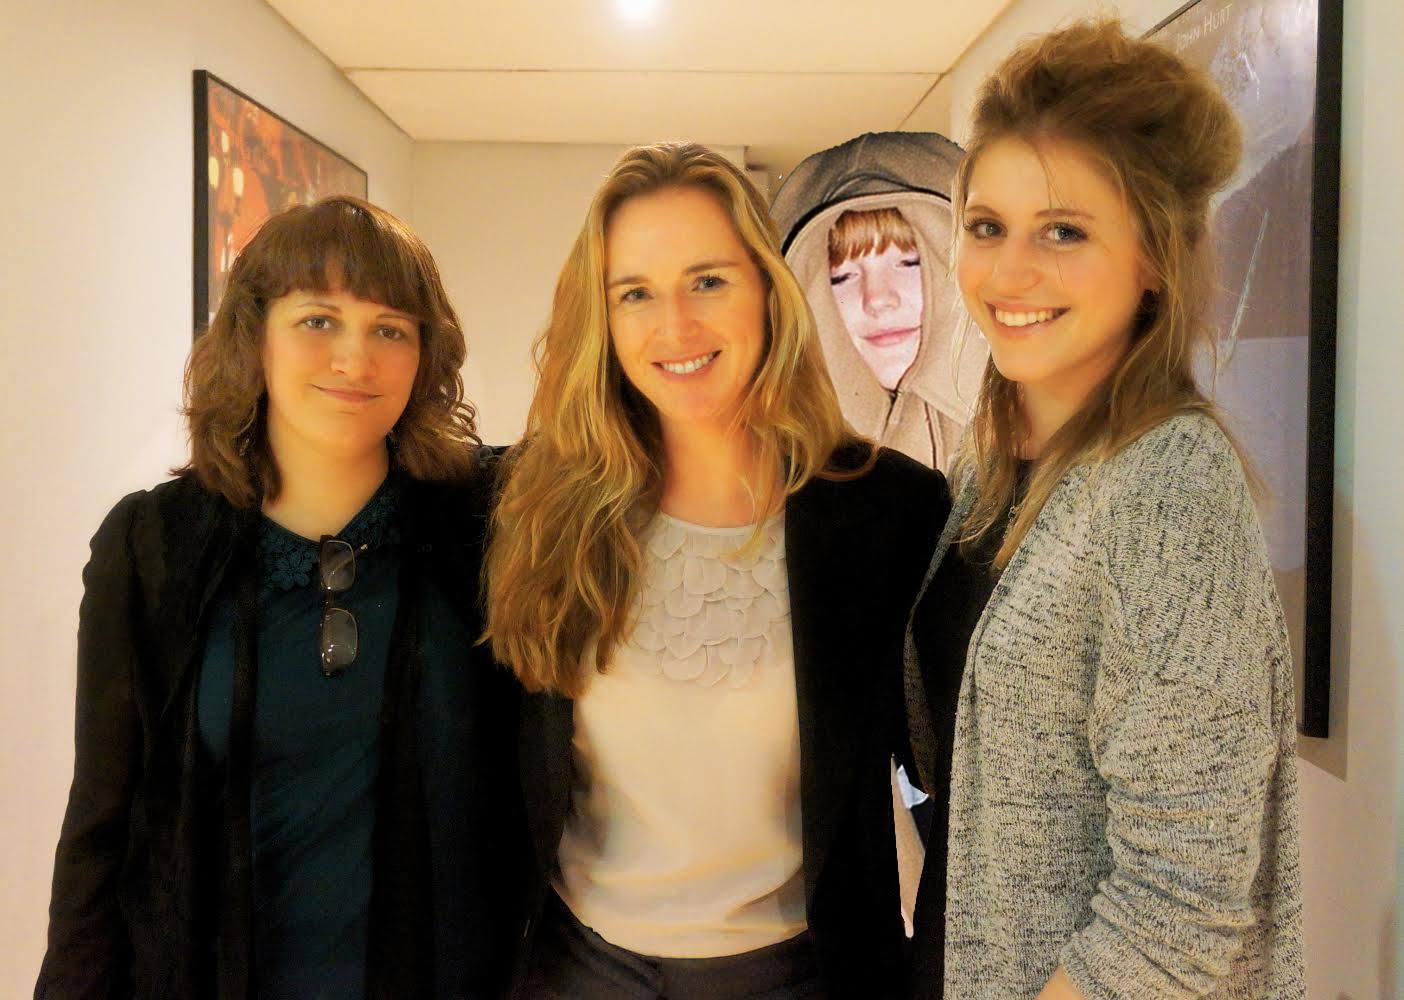 With mentor Saskia Schuster